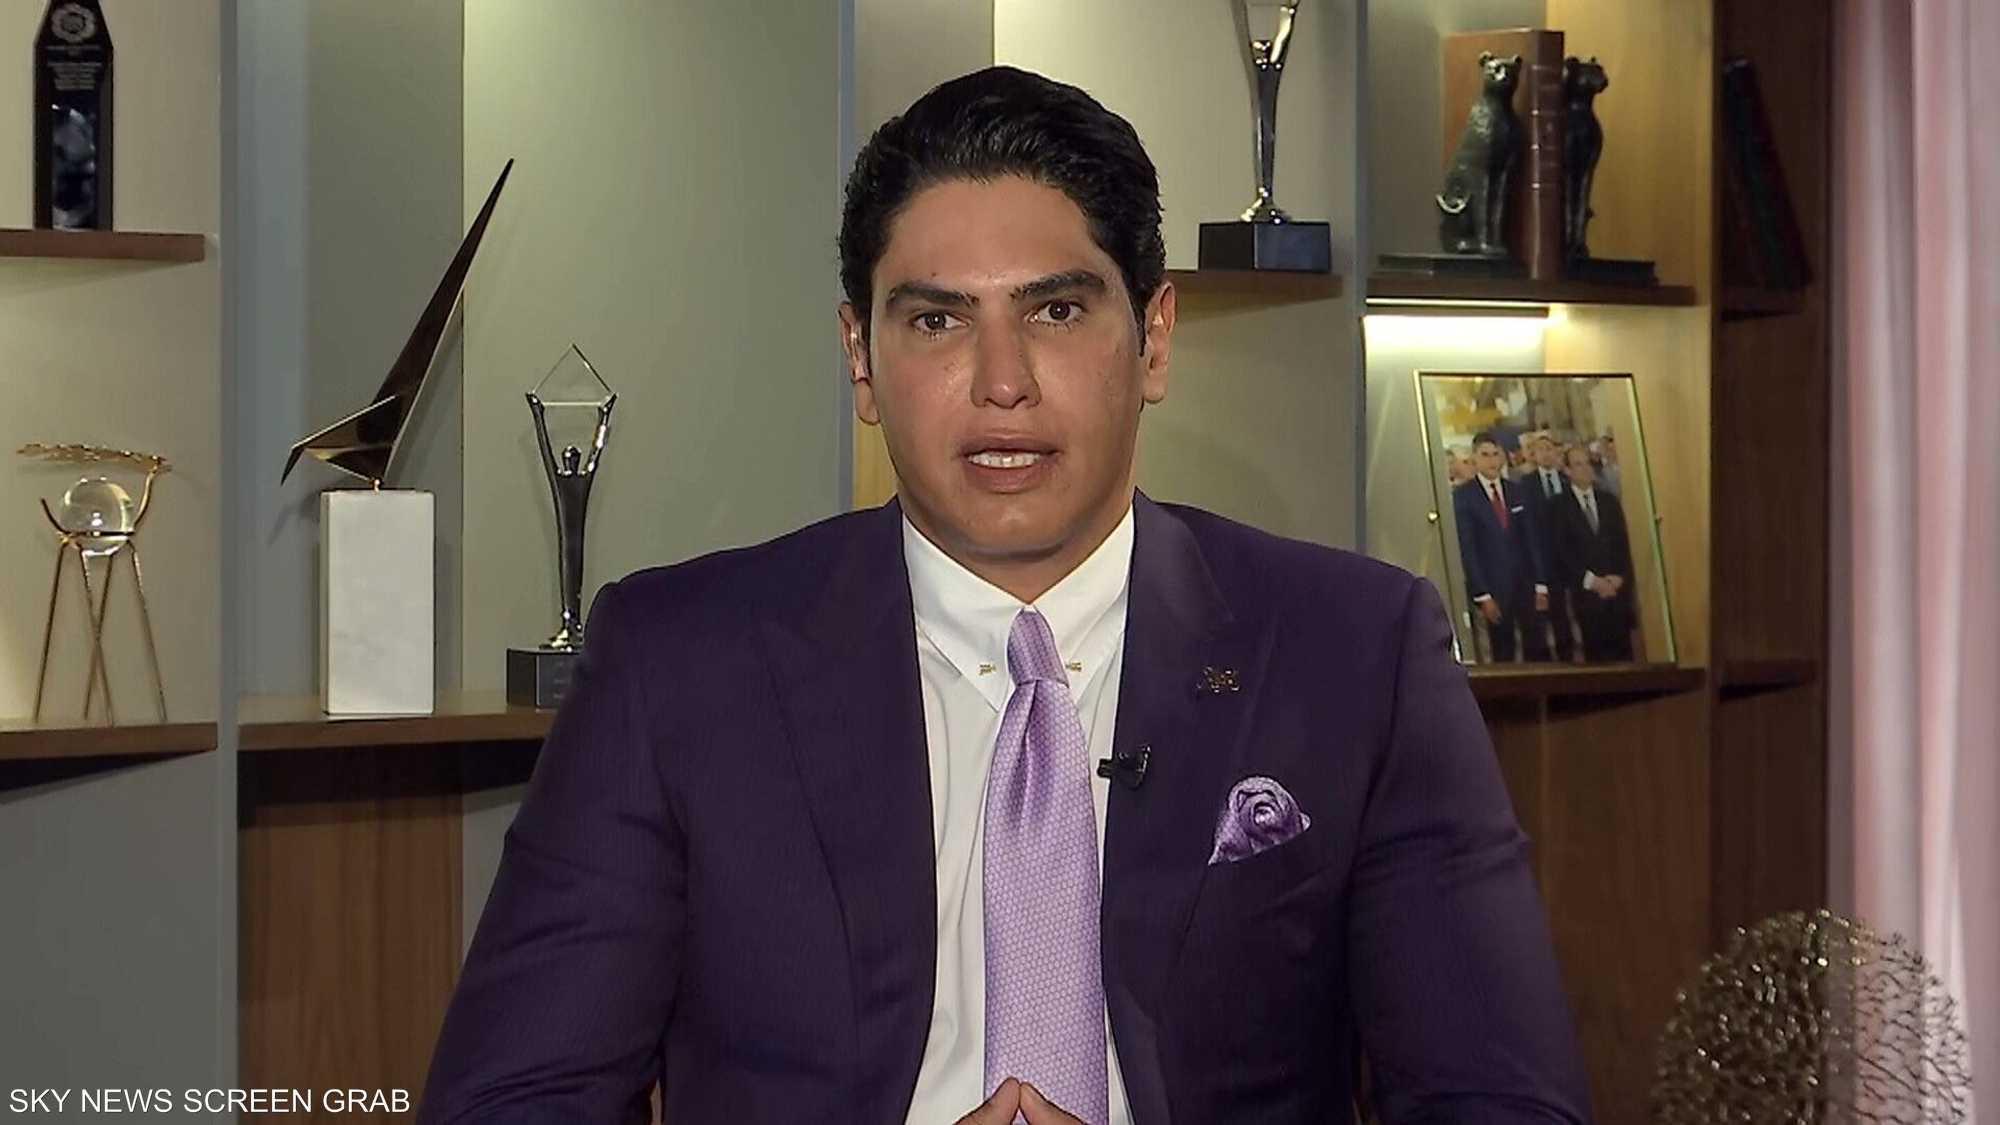 أبو هشيمة: أنا مصري وأعمل لوطني ولا تهمني الشائعات